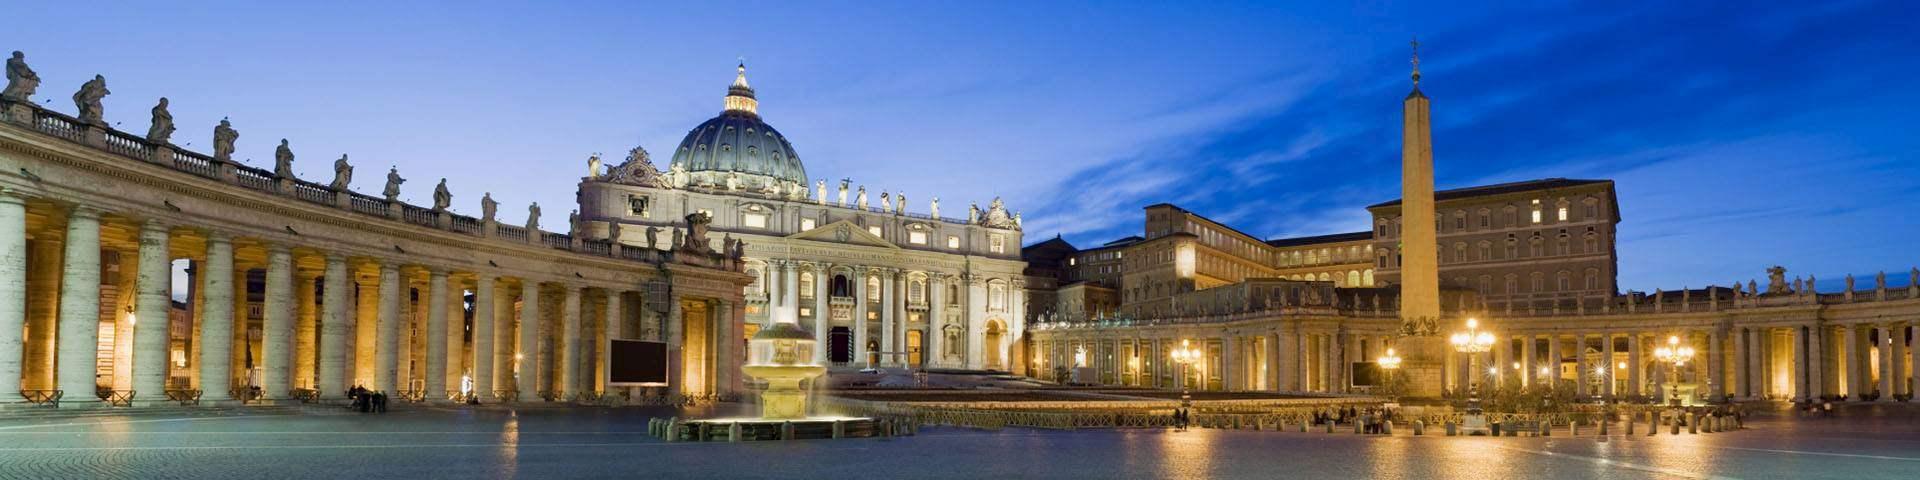 Parceria com o Vaticano